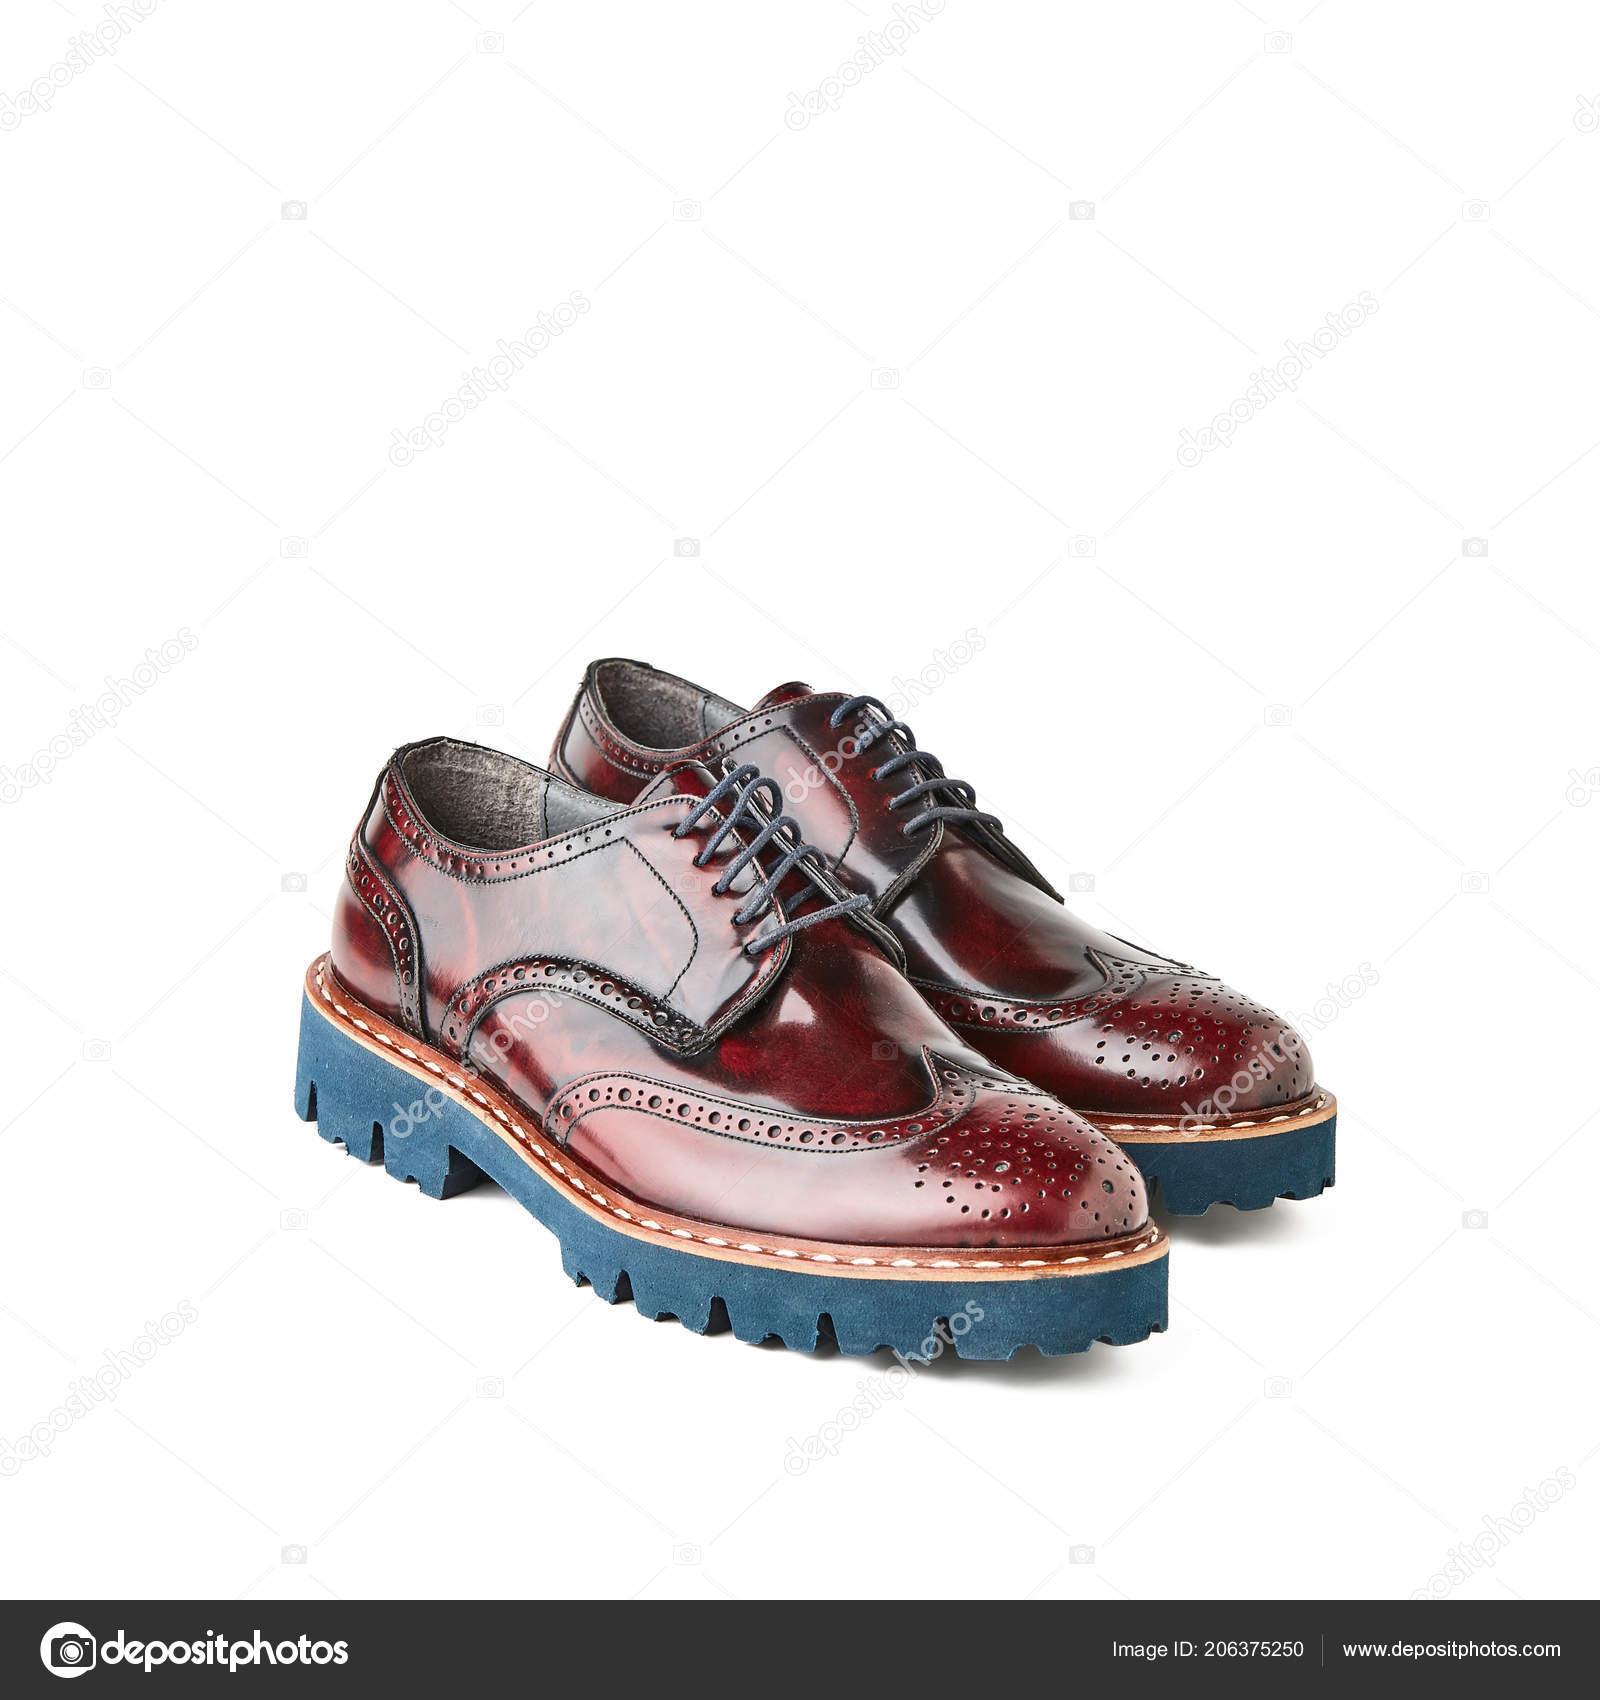 4a2e8eea66 Zapatos Brogue Marrón Cerezo Hombres Con Suela Azul Estudio Tiro ...